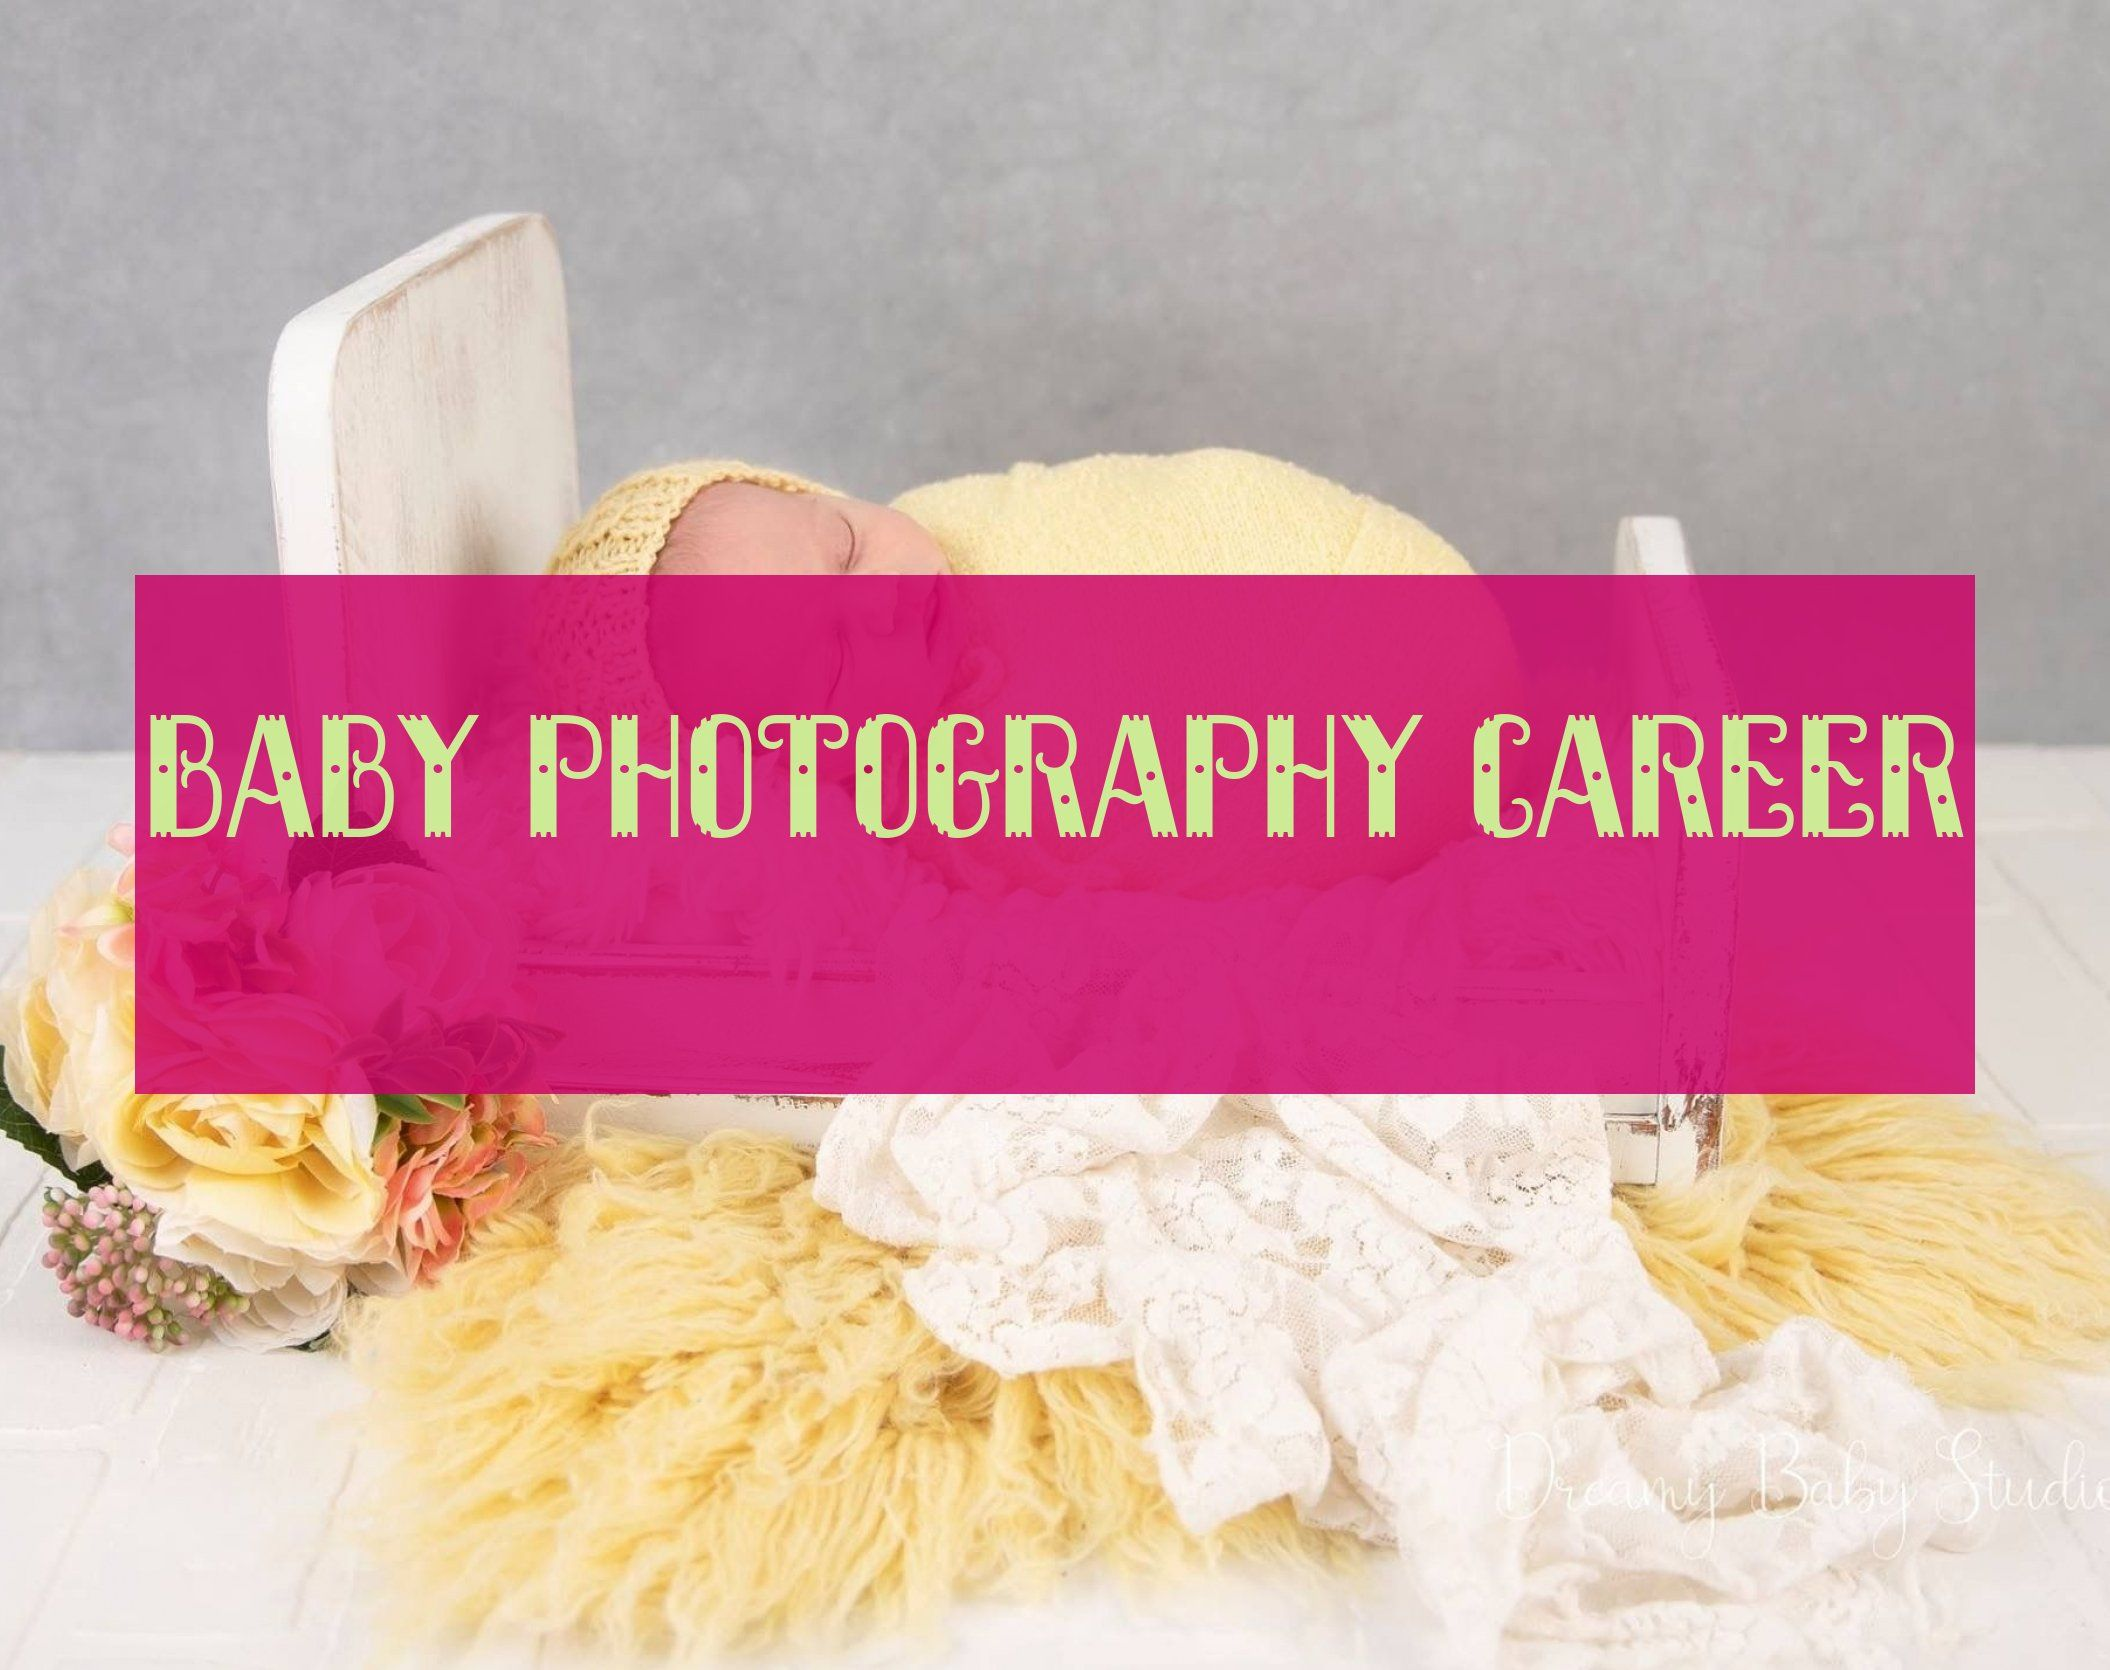 Carrière De Photographe De Bébé Baby Photography Career